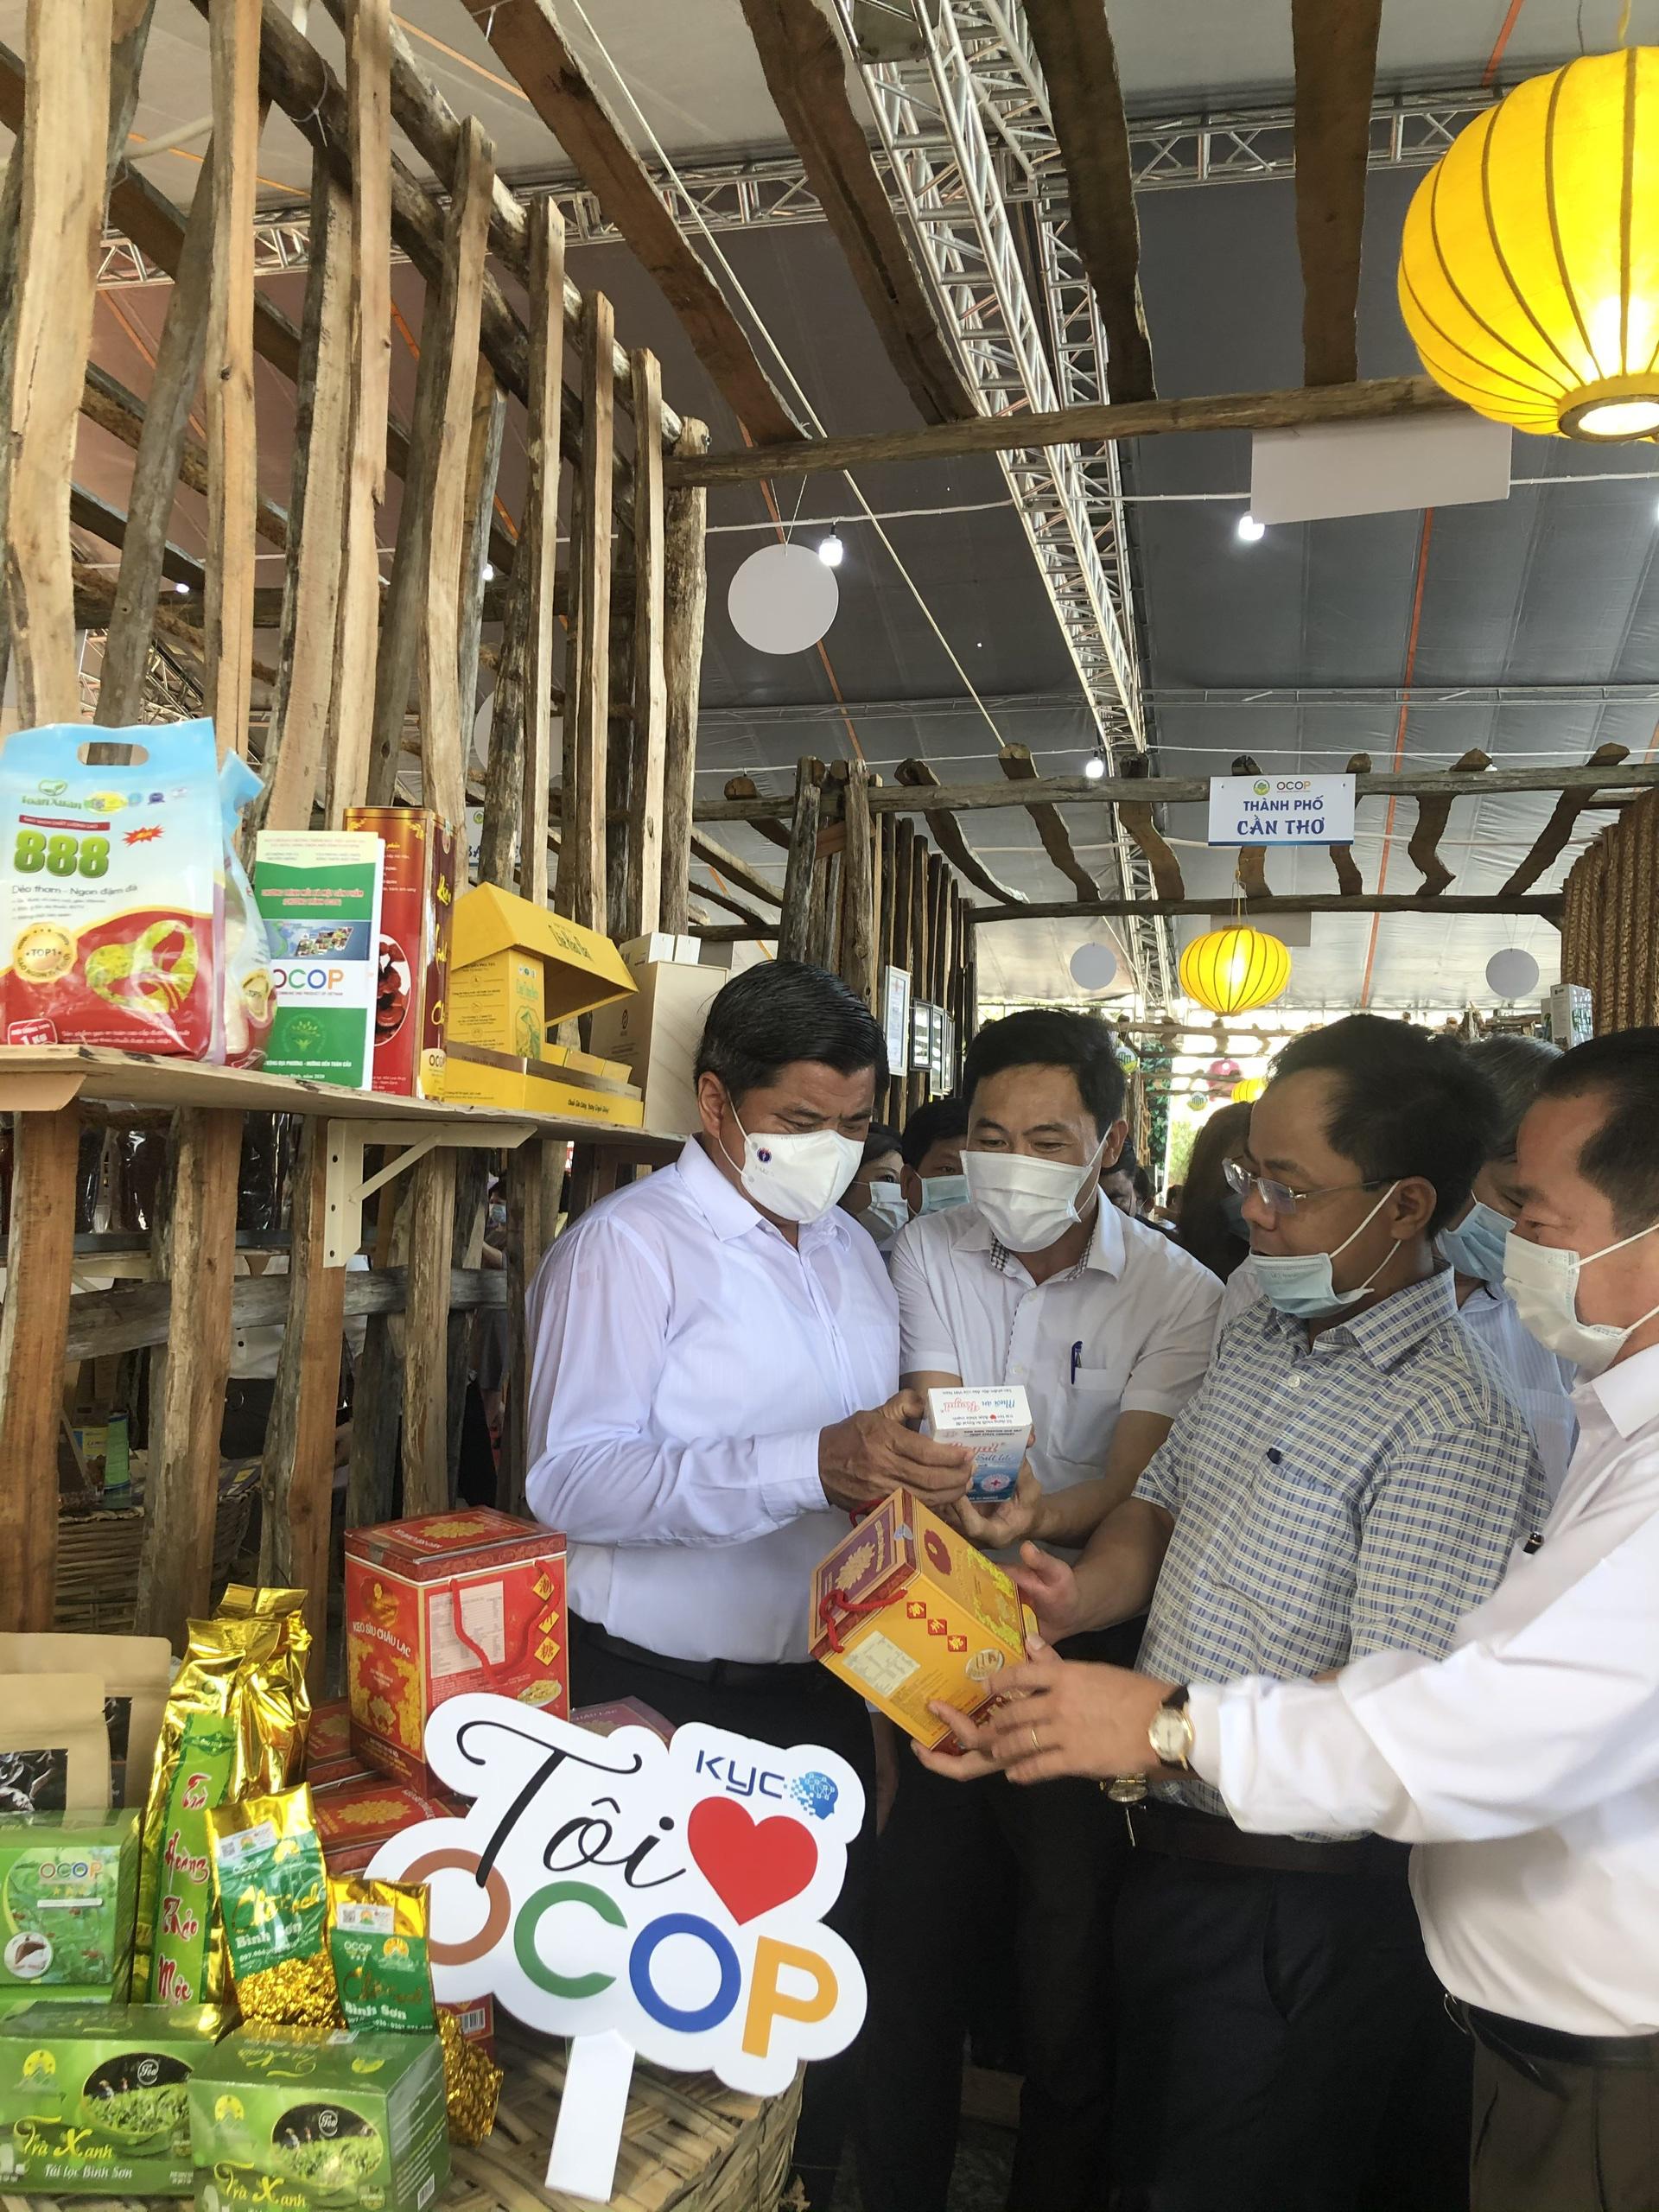 Hàng trăm sản phẩm OCOP – Hương sắc miền Tây hội tụ tại Phú Quốc - Ảnh 6.